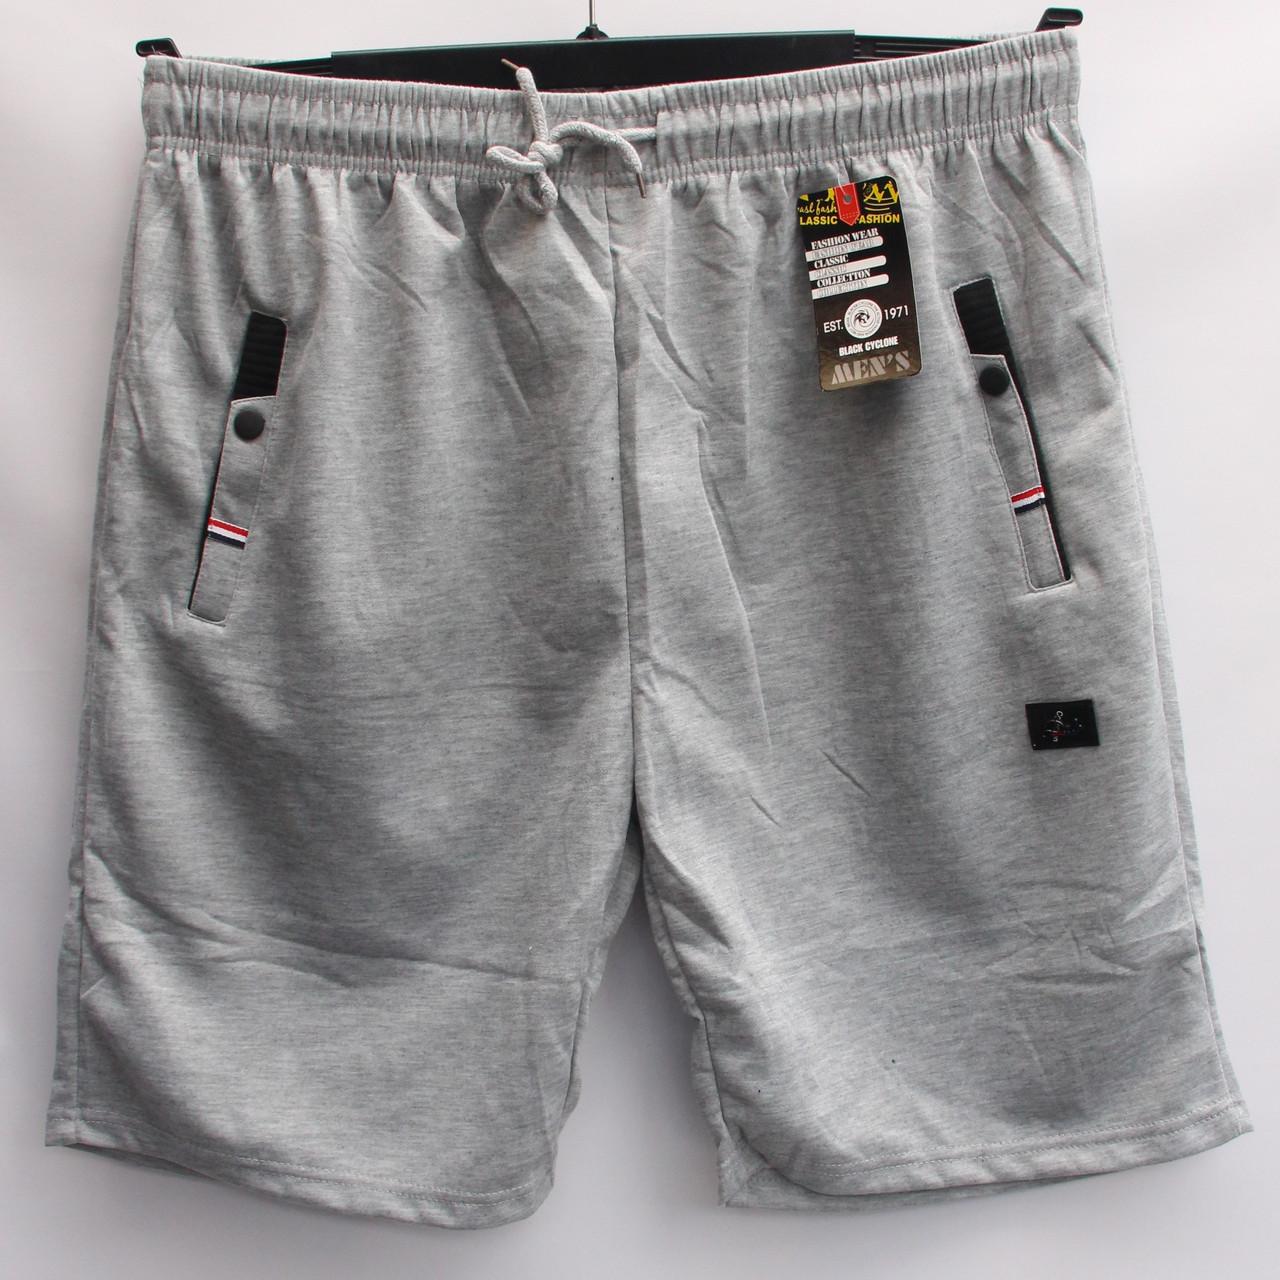 Мужские котоновые шорты Баталы (без подкладки)(56-64 р-ры)  оптом недорого. Одесса 7км.